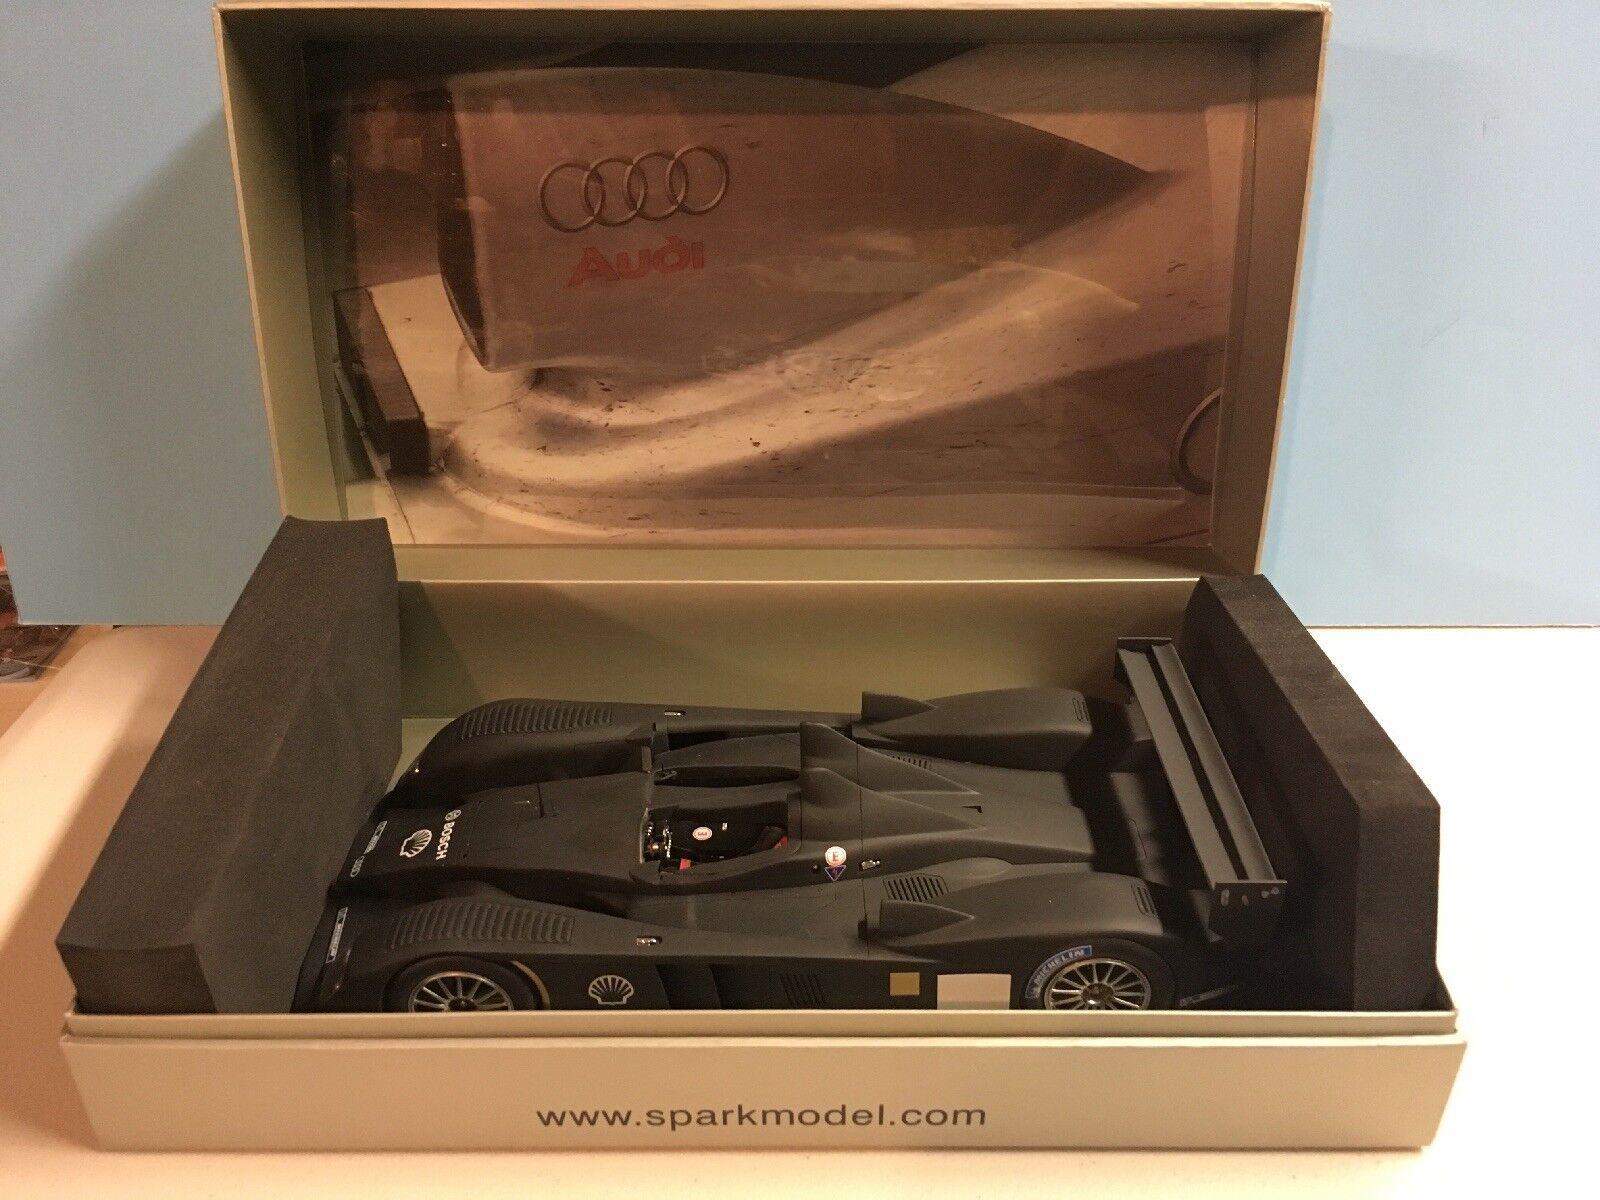 1 18 Spark 2006 Audi R10 TDI Test Car 18S009 Stored In Box